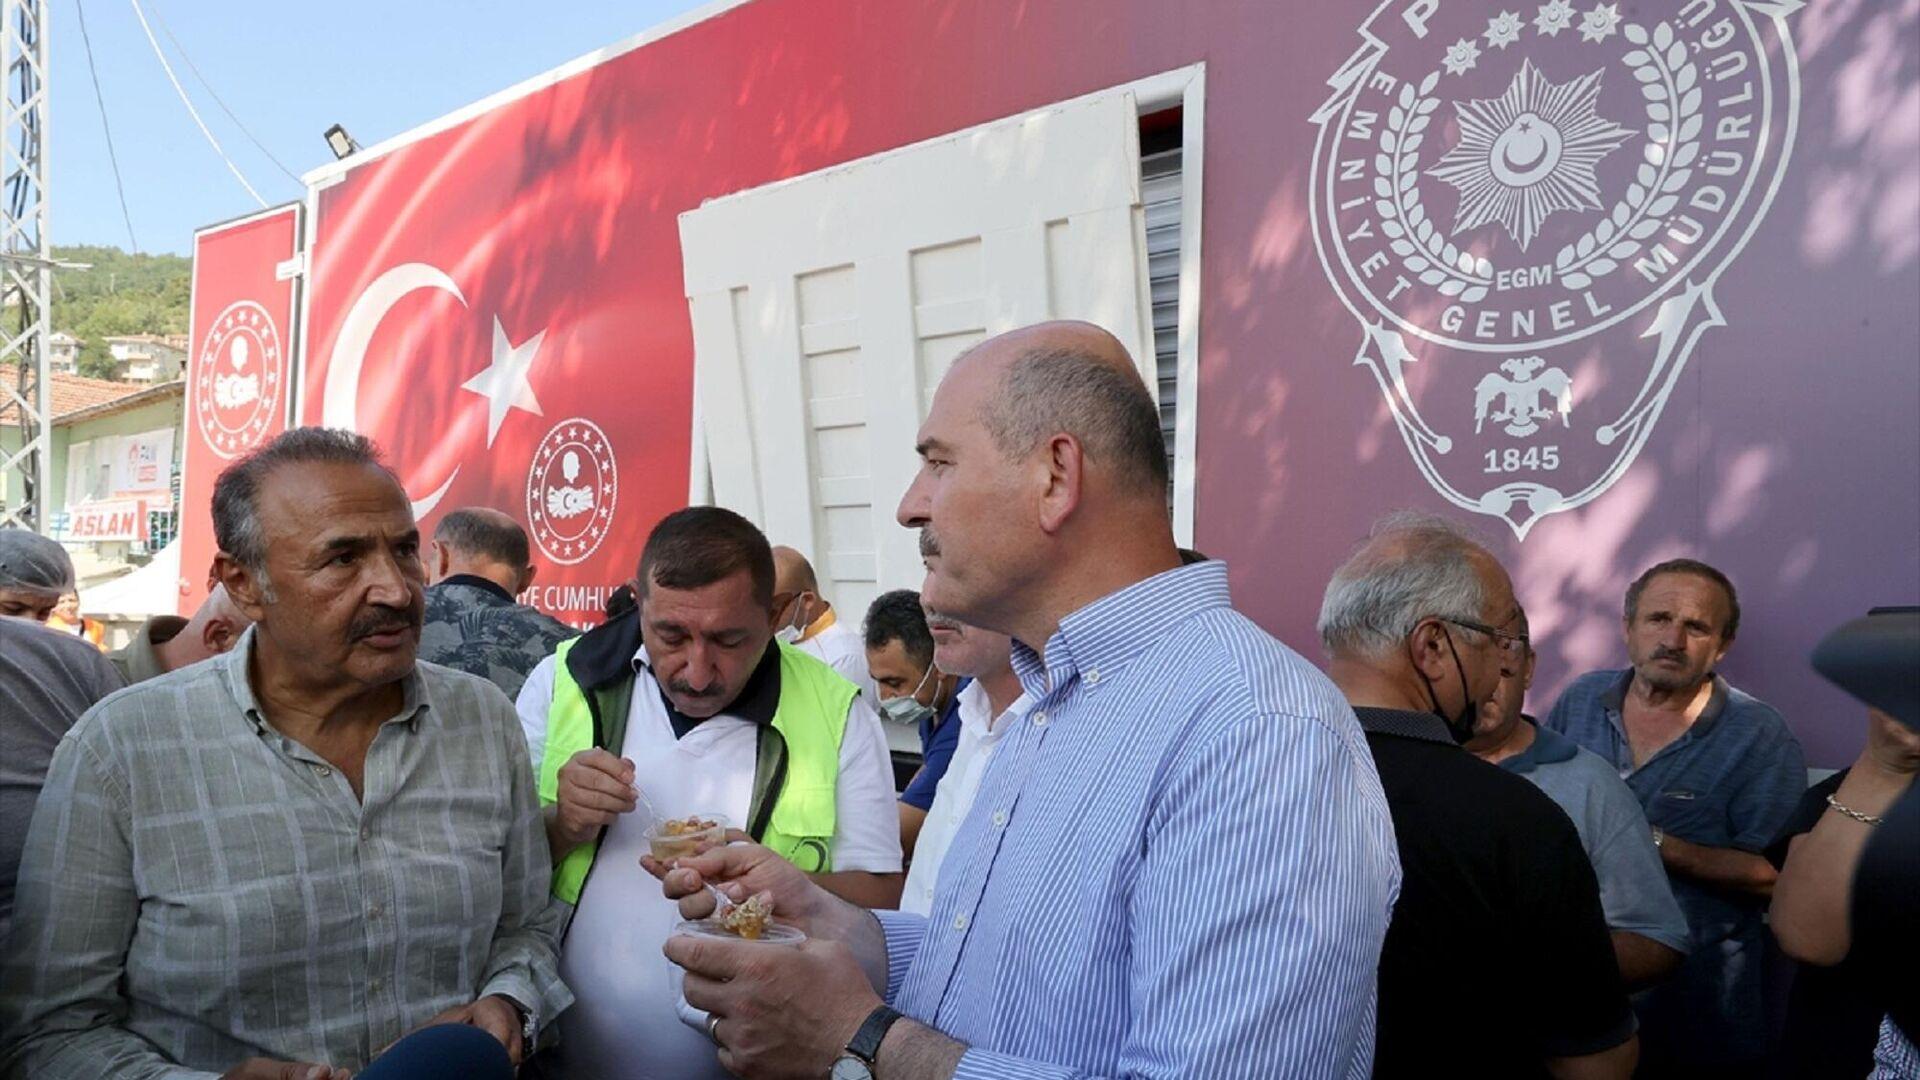 İçişleri Bakanı Süleyman Soylu, sel felaketinden etkilenen Bozkurt'ta aşure dağıttı  - Sputnik Türkiye, 1920, 18.09.2021